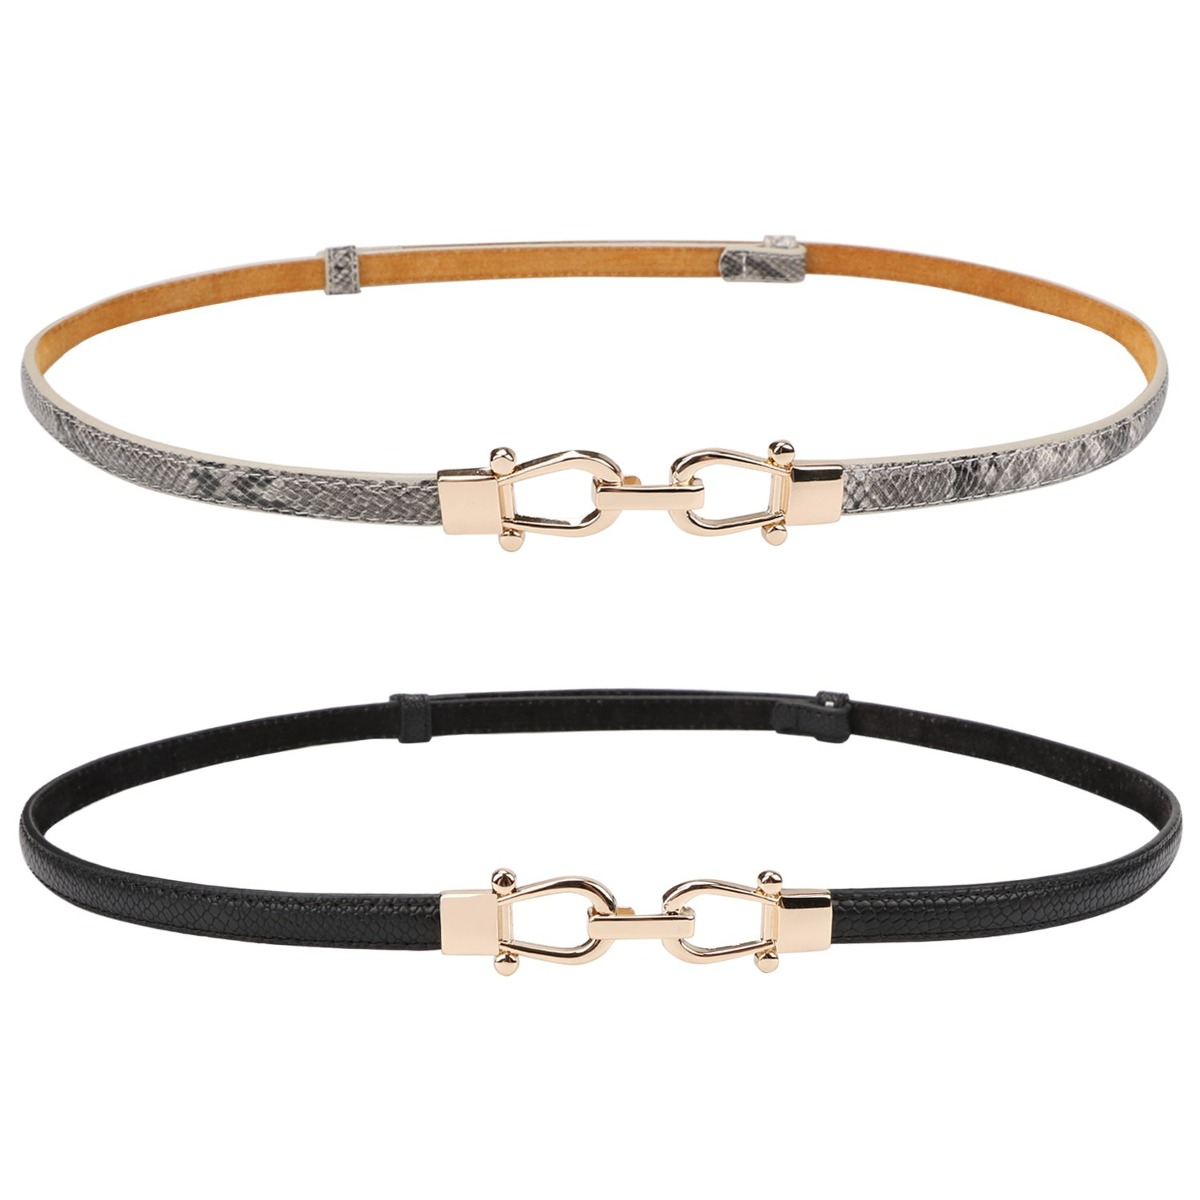 mejor selección 0bbc9 7a99e Cinturón Fino Para Mujer Cinturones De Cintura De Cuero G